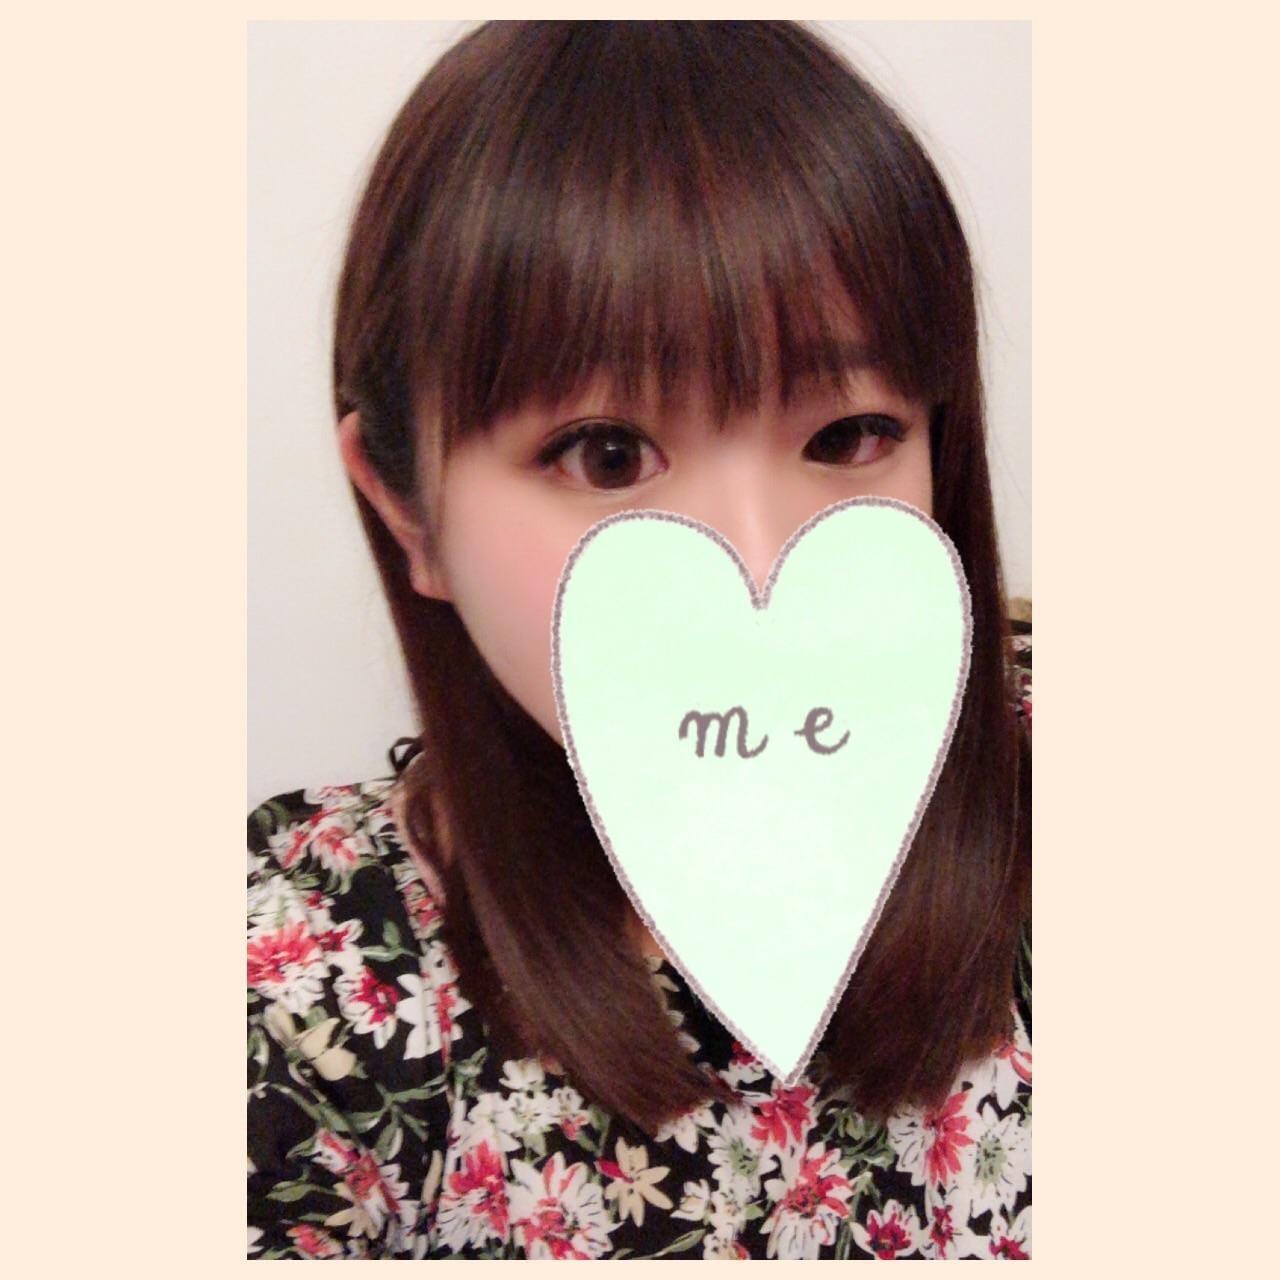 「出勤です」08/18(土) 19:04   おむの写メ・風俗動画